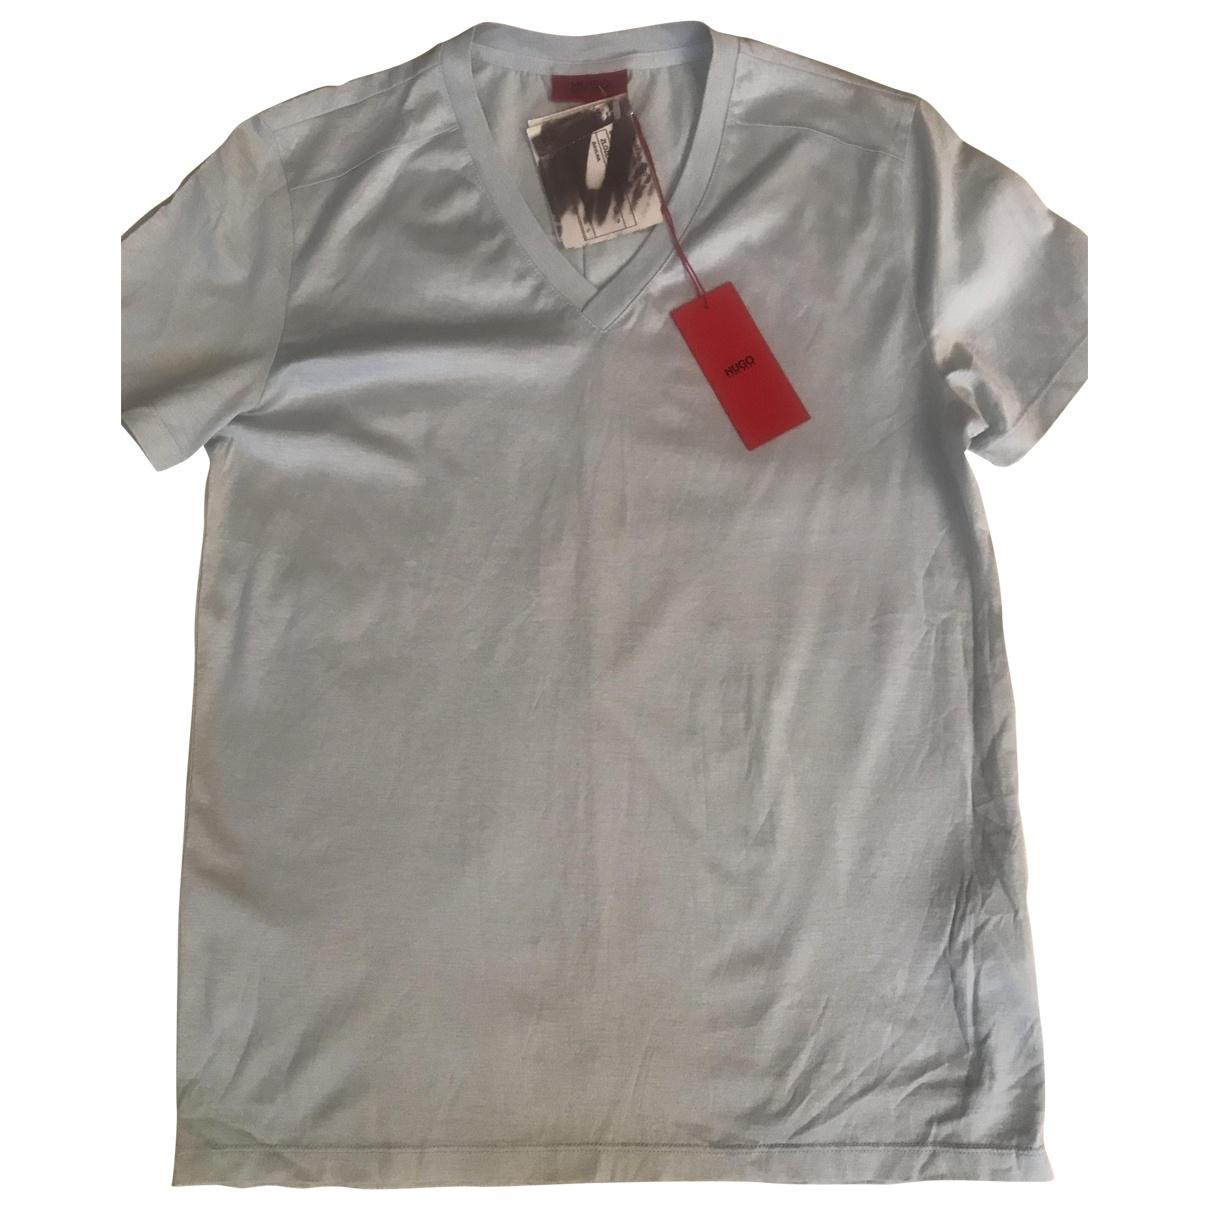 Hugo Boss - Tee shirts   pour homme en coton - bleu